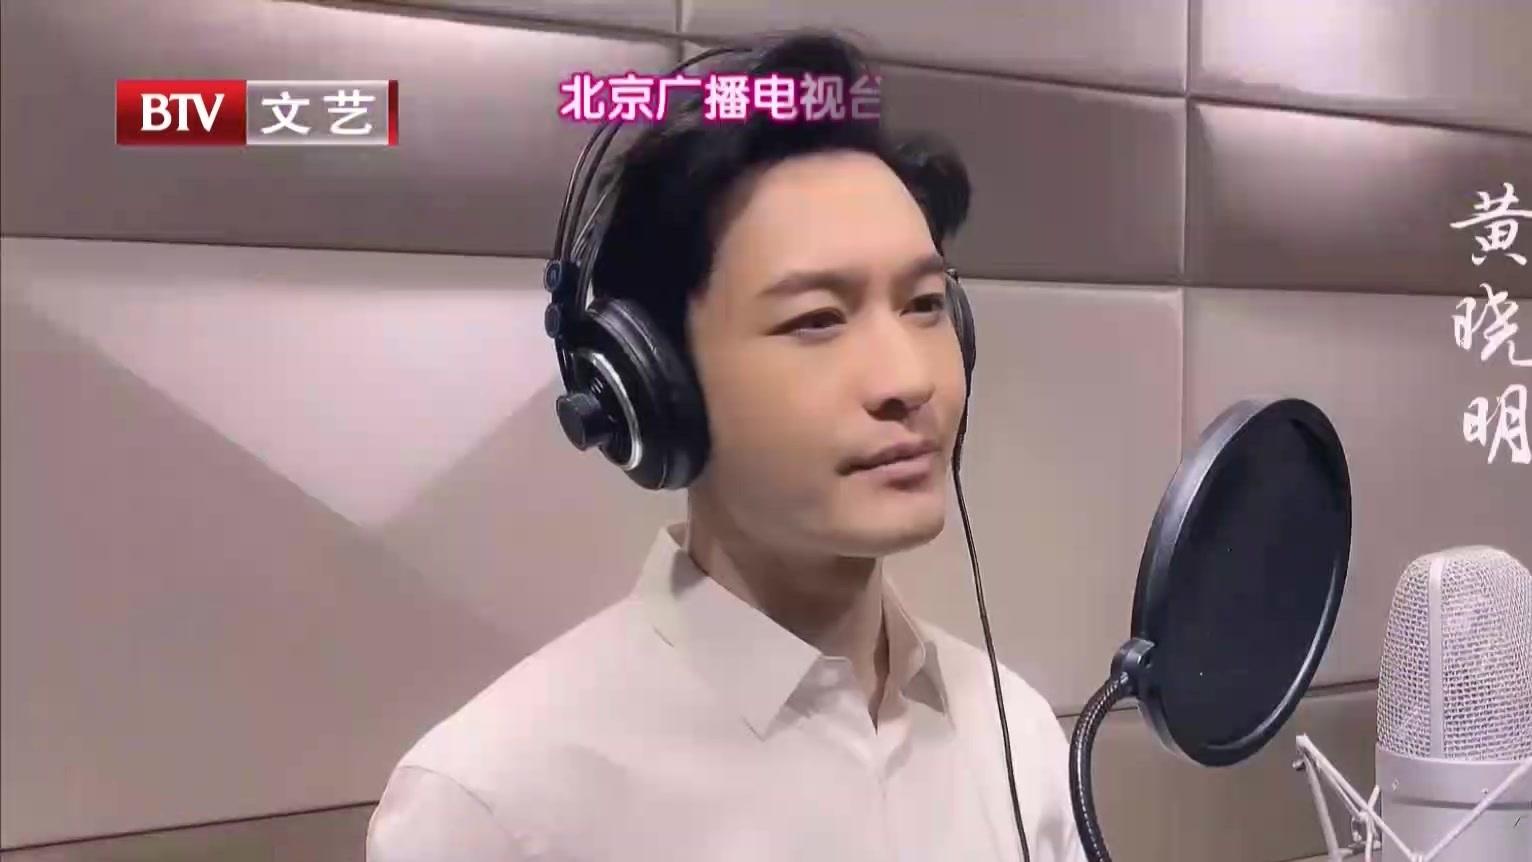 北京广播电视台原创歌曲《武汉!武汉》为武汉加油!